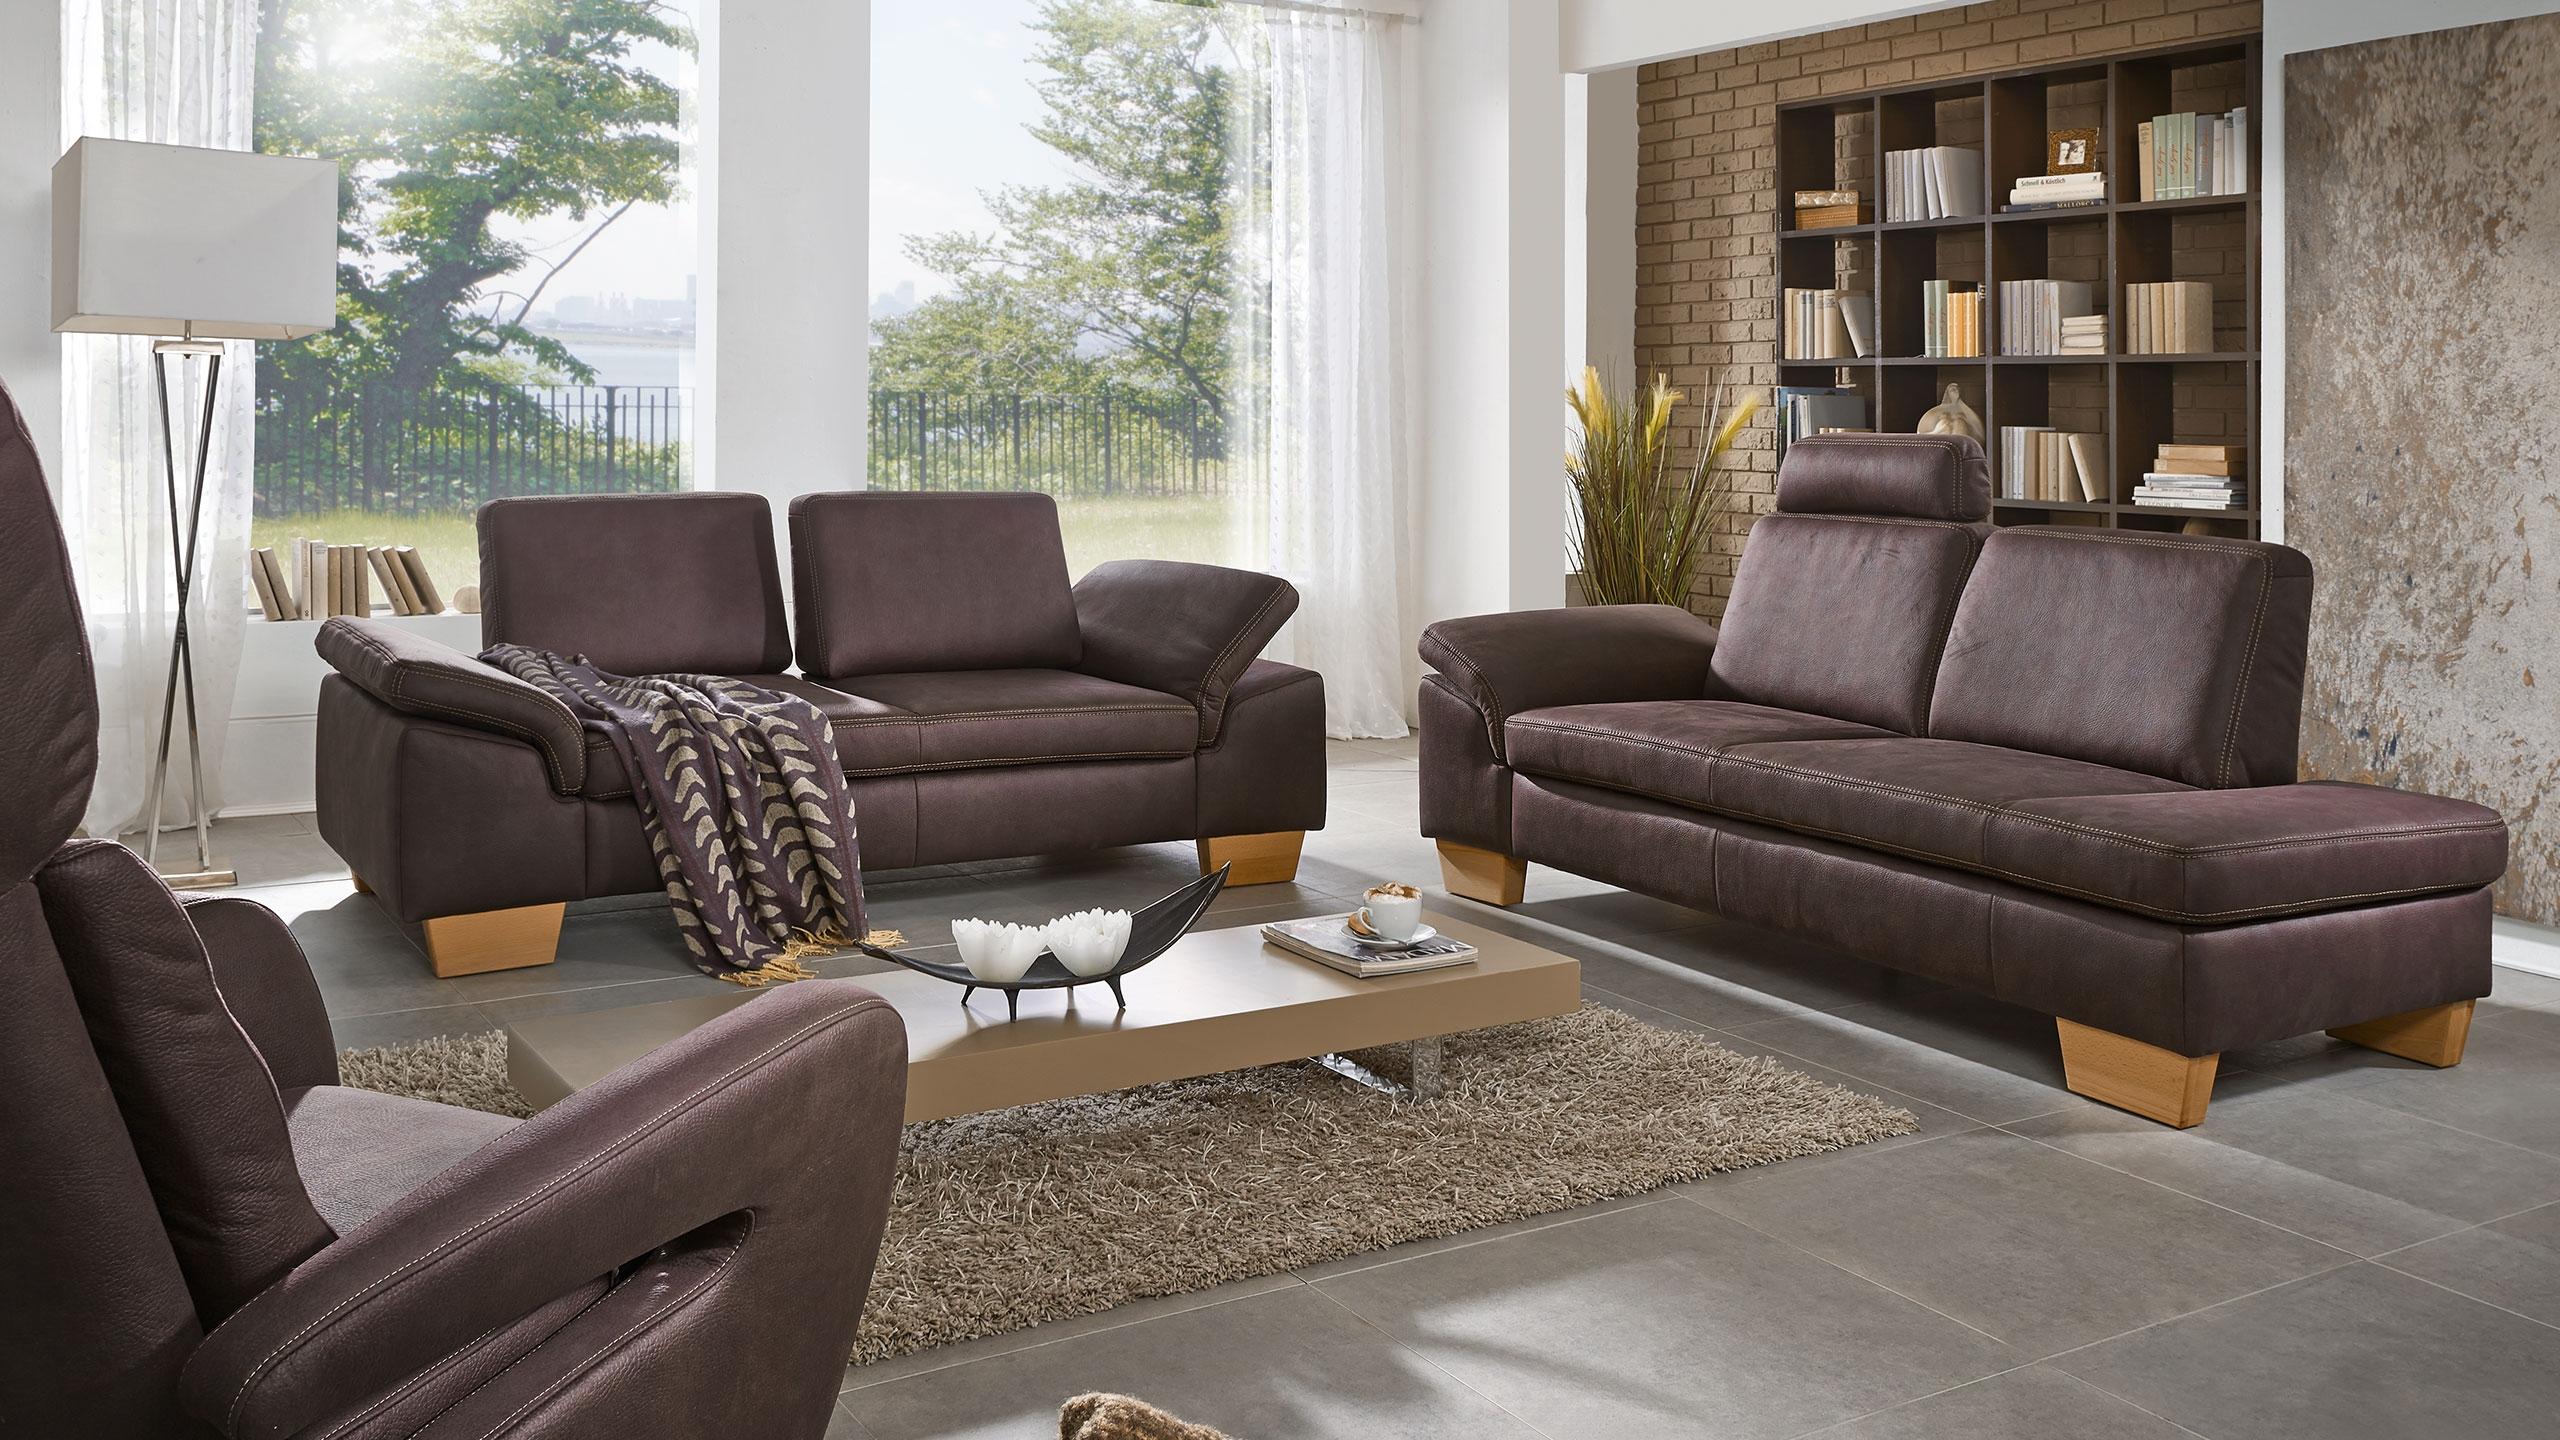 Full Size of Sofa Garnitur 2 Teilig Garnituren 3 2 1 Kasper Wohndesign Leder Schwarz 3 Couchgarnitur Kaufen Rundecke Ikea Punto Sofas Multipolster Wohnlandschaft 5 Sitzer Sofa Sofa Garnitur